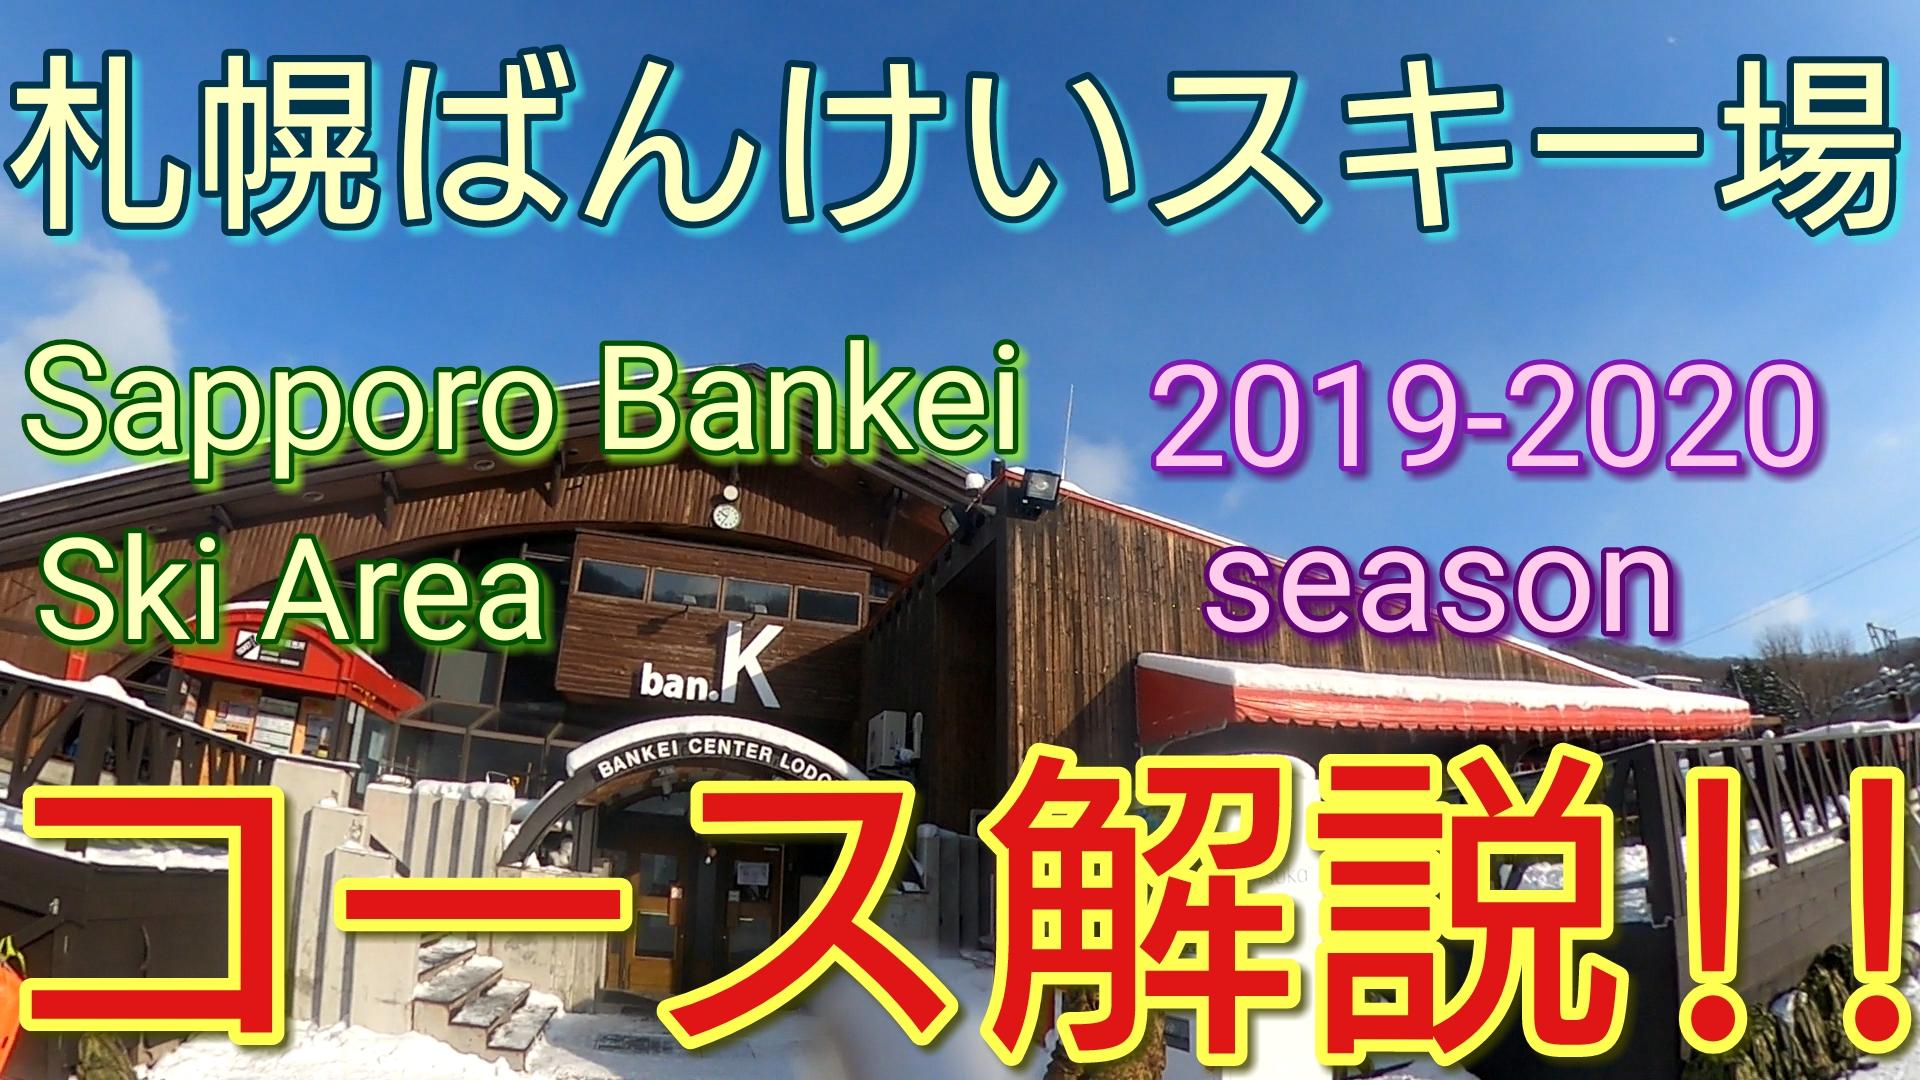 20192020シーズン札幌ばんけいスキー場のコースの雪質や積雪をブログで紹介!